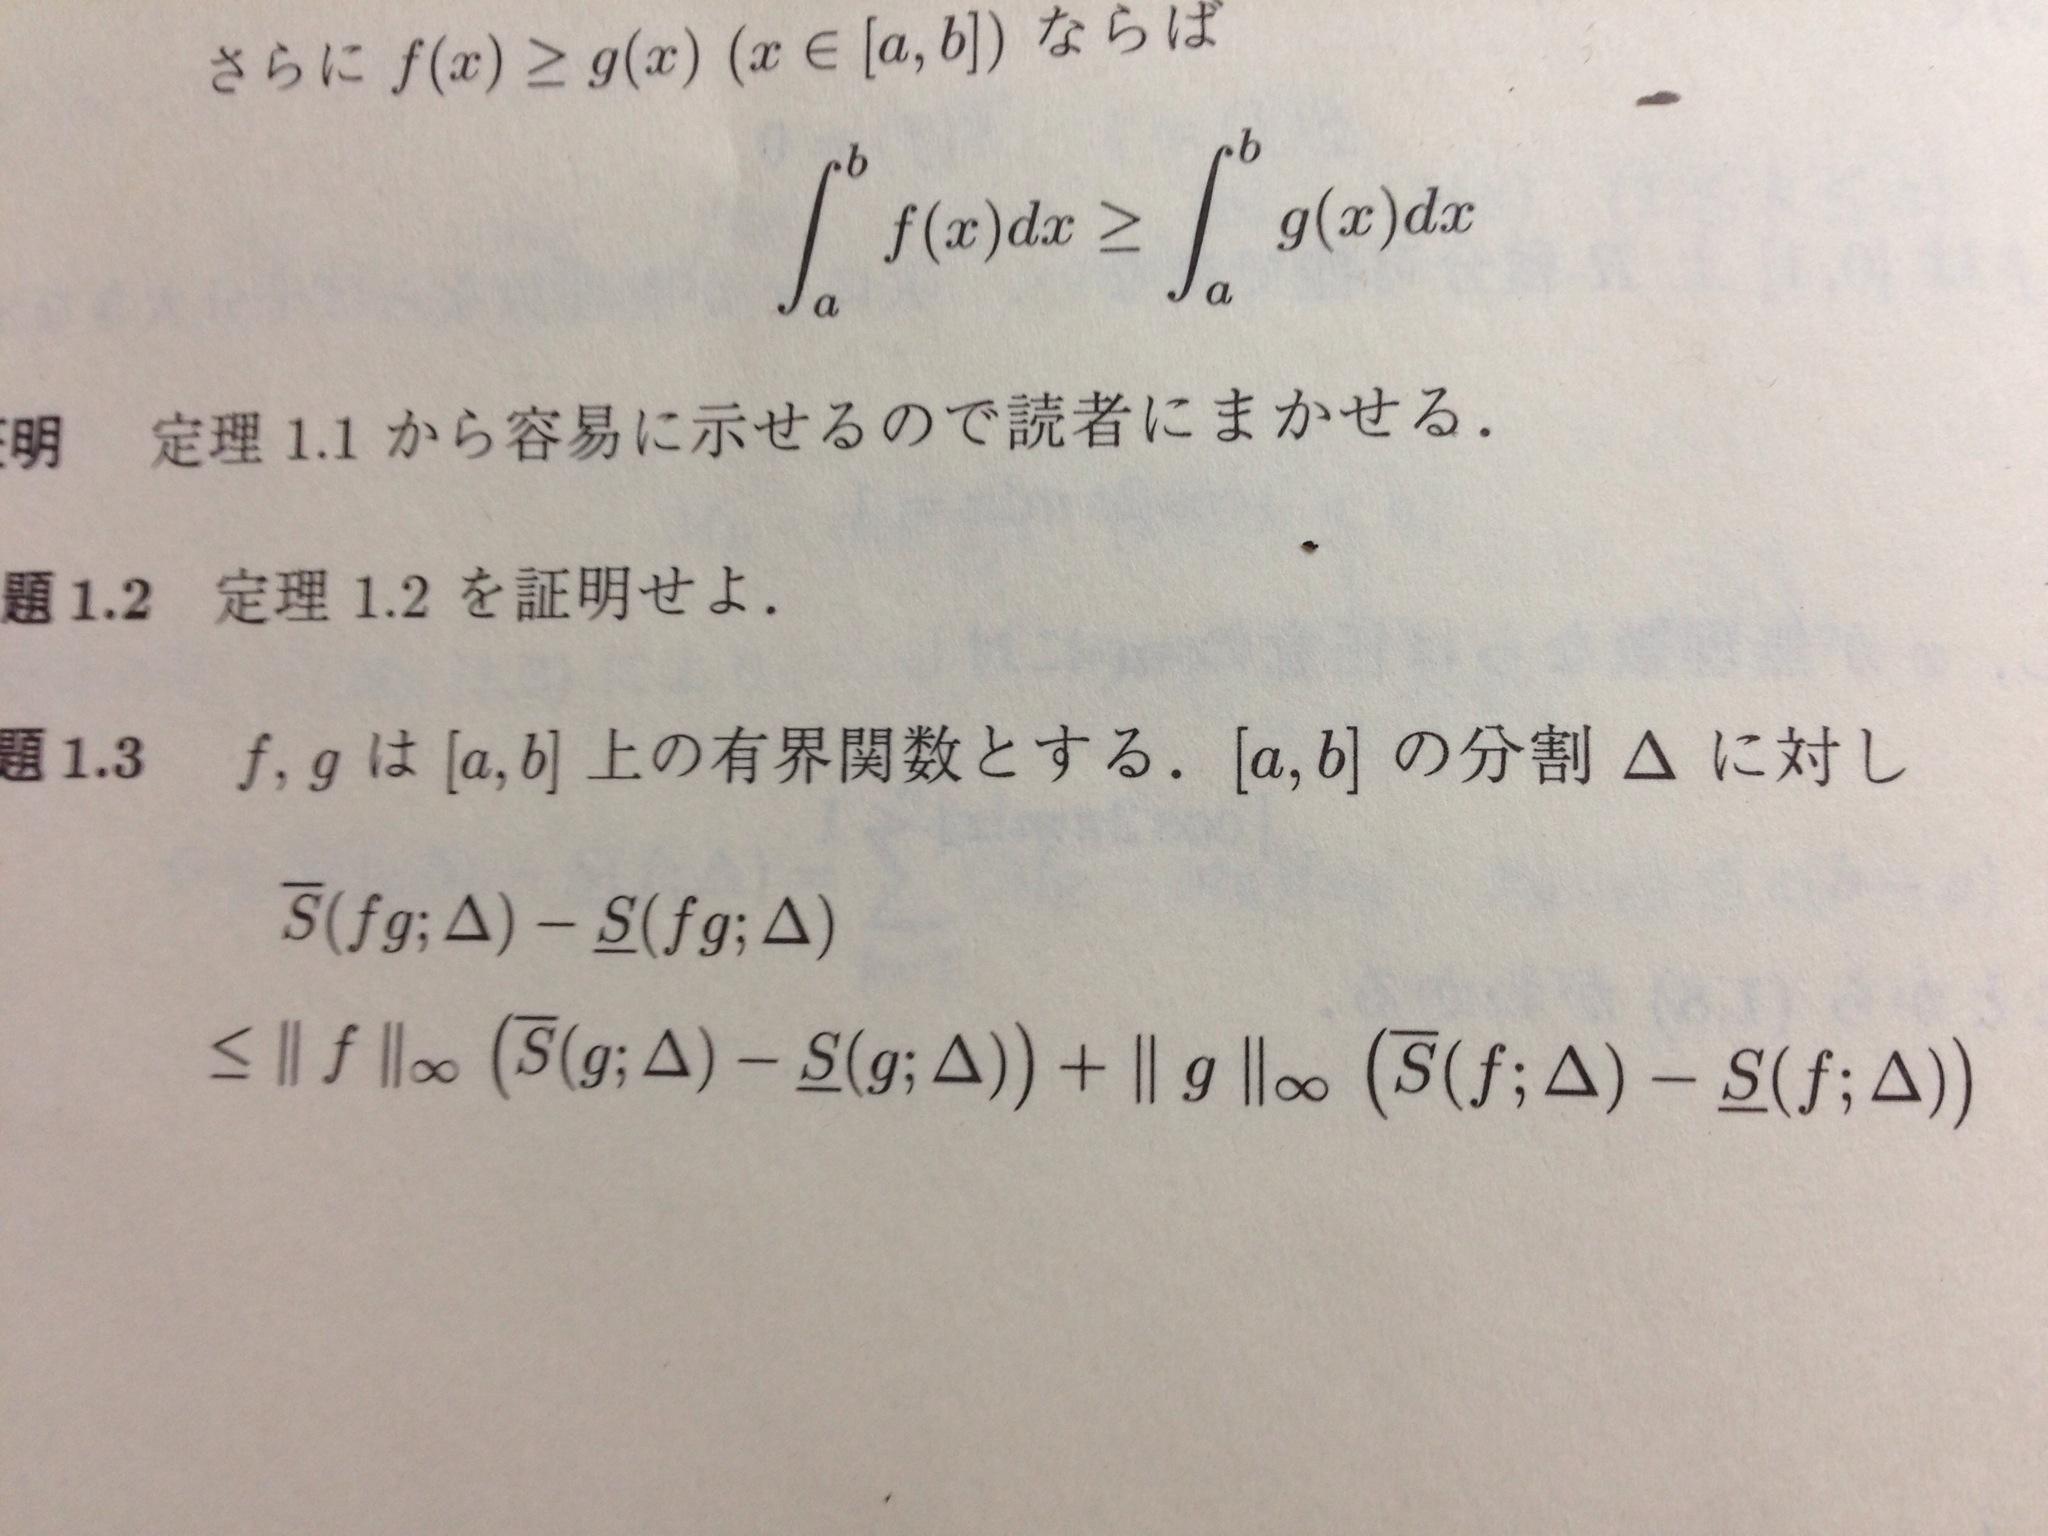 リーマン積分の問題で質問があります。 - OKWAVE